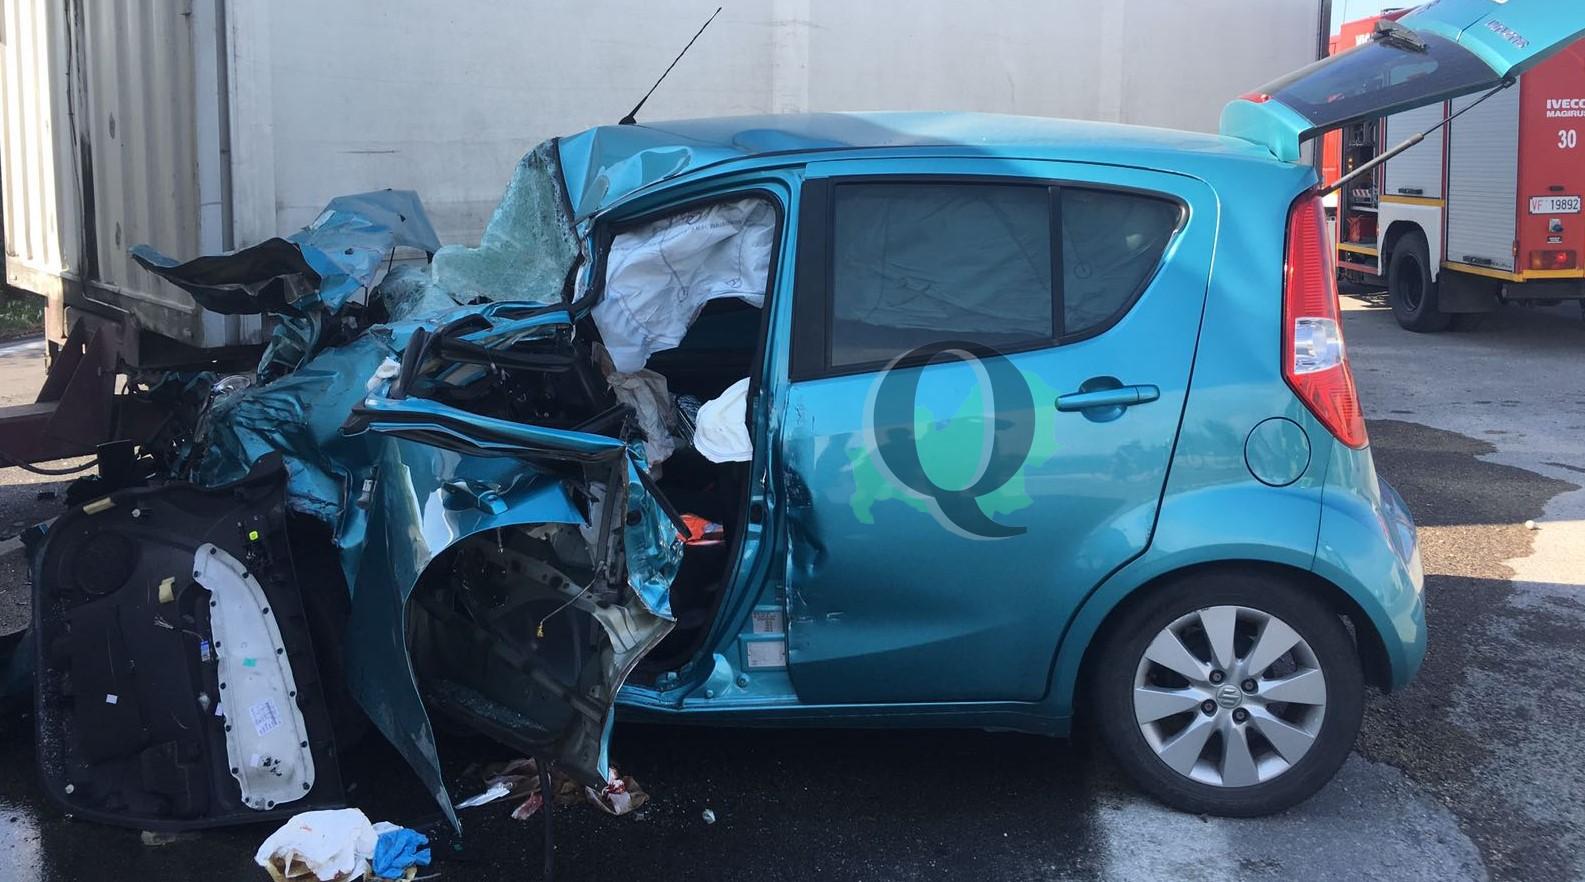 Auto contro tir, vettura distrutta: miracolato il conducente